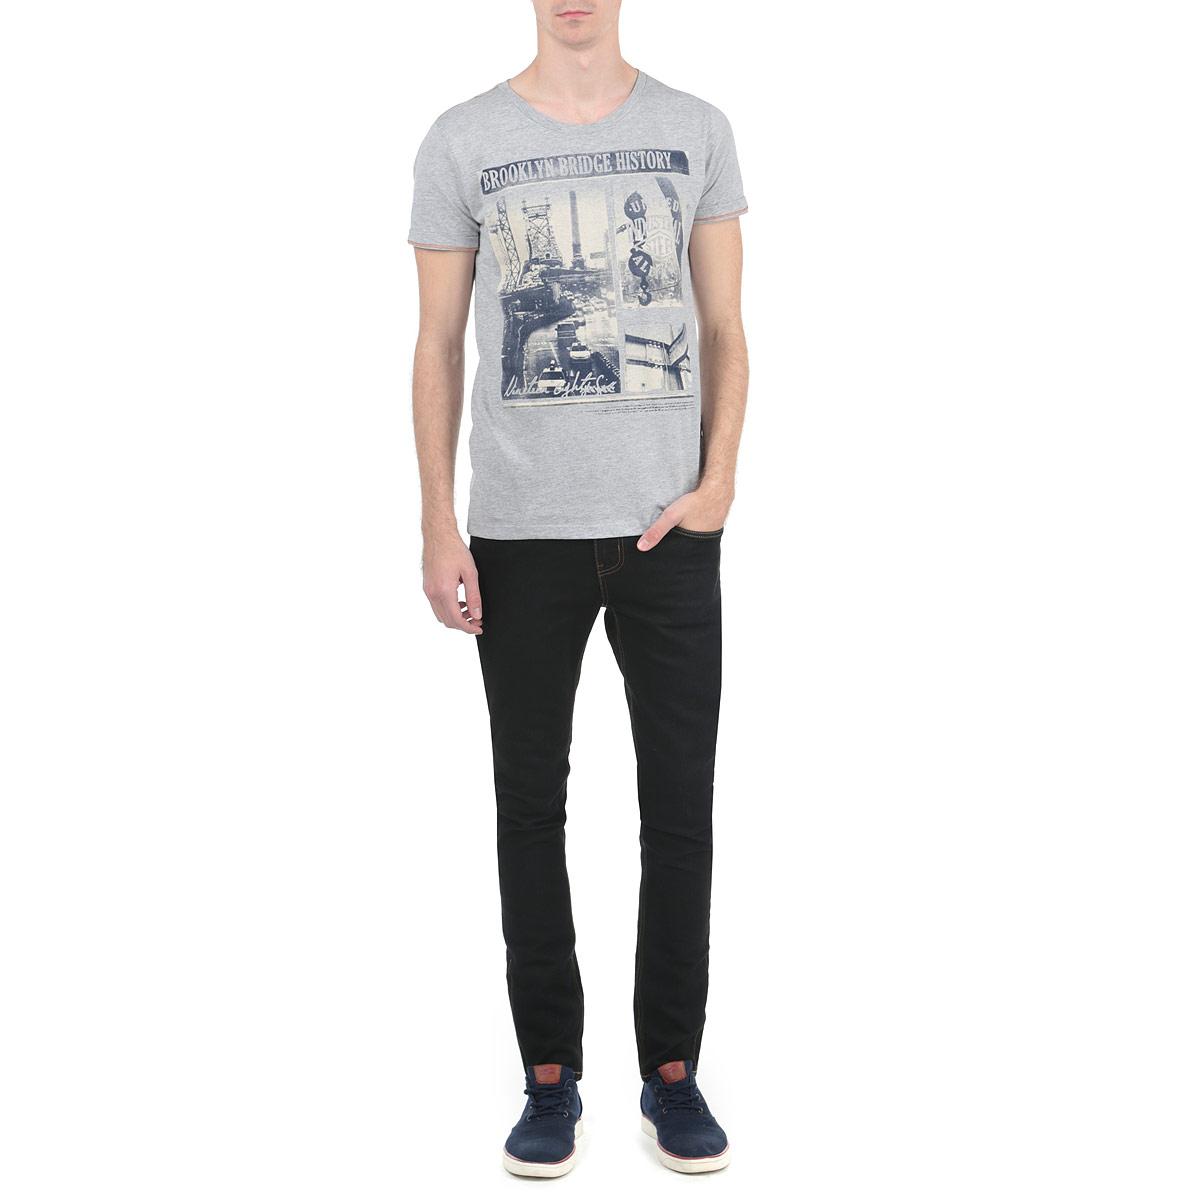 10153005_02AСтильная мужская футболка Broadway, выполненная из высококачественного трикотажного материала, обладает высокой воздухопроницаемостью и гигроскопичностью, позволяет коже дышать. Модель с короткими рукавами и круглым вырезом горловины спереди оформлена фотопринтом и надписями. Эта футболка - идеальный вариант для создания эффектного образа.